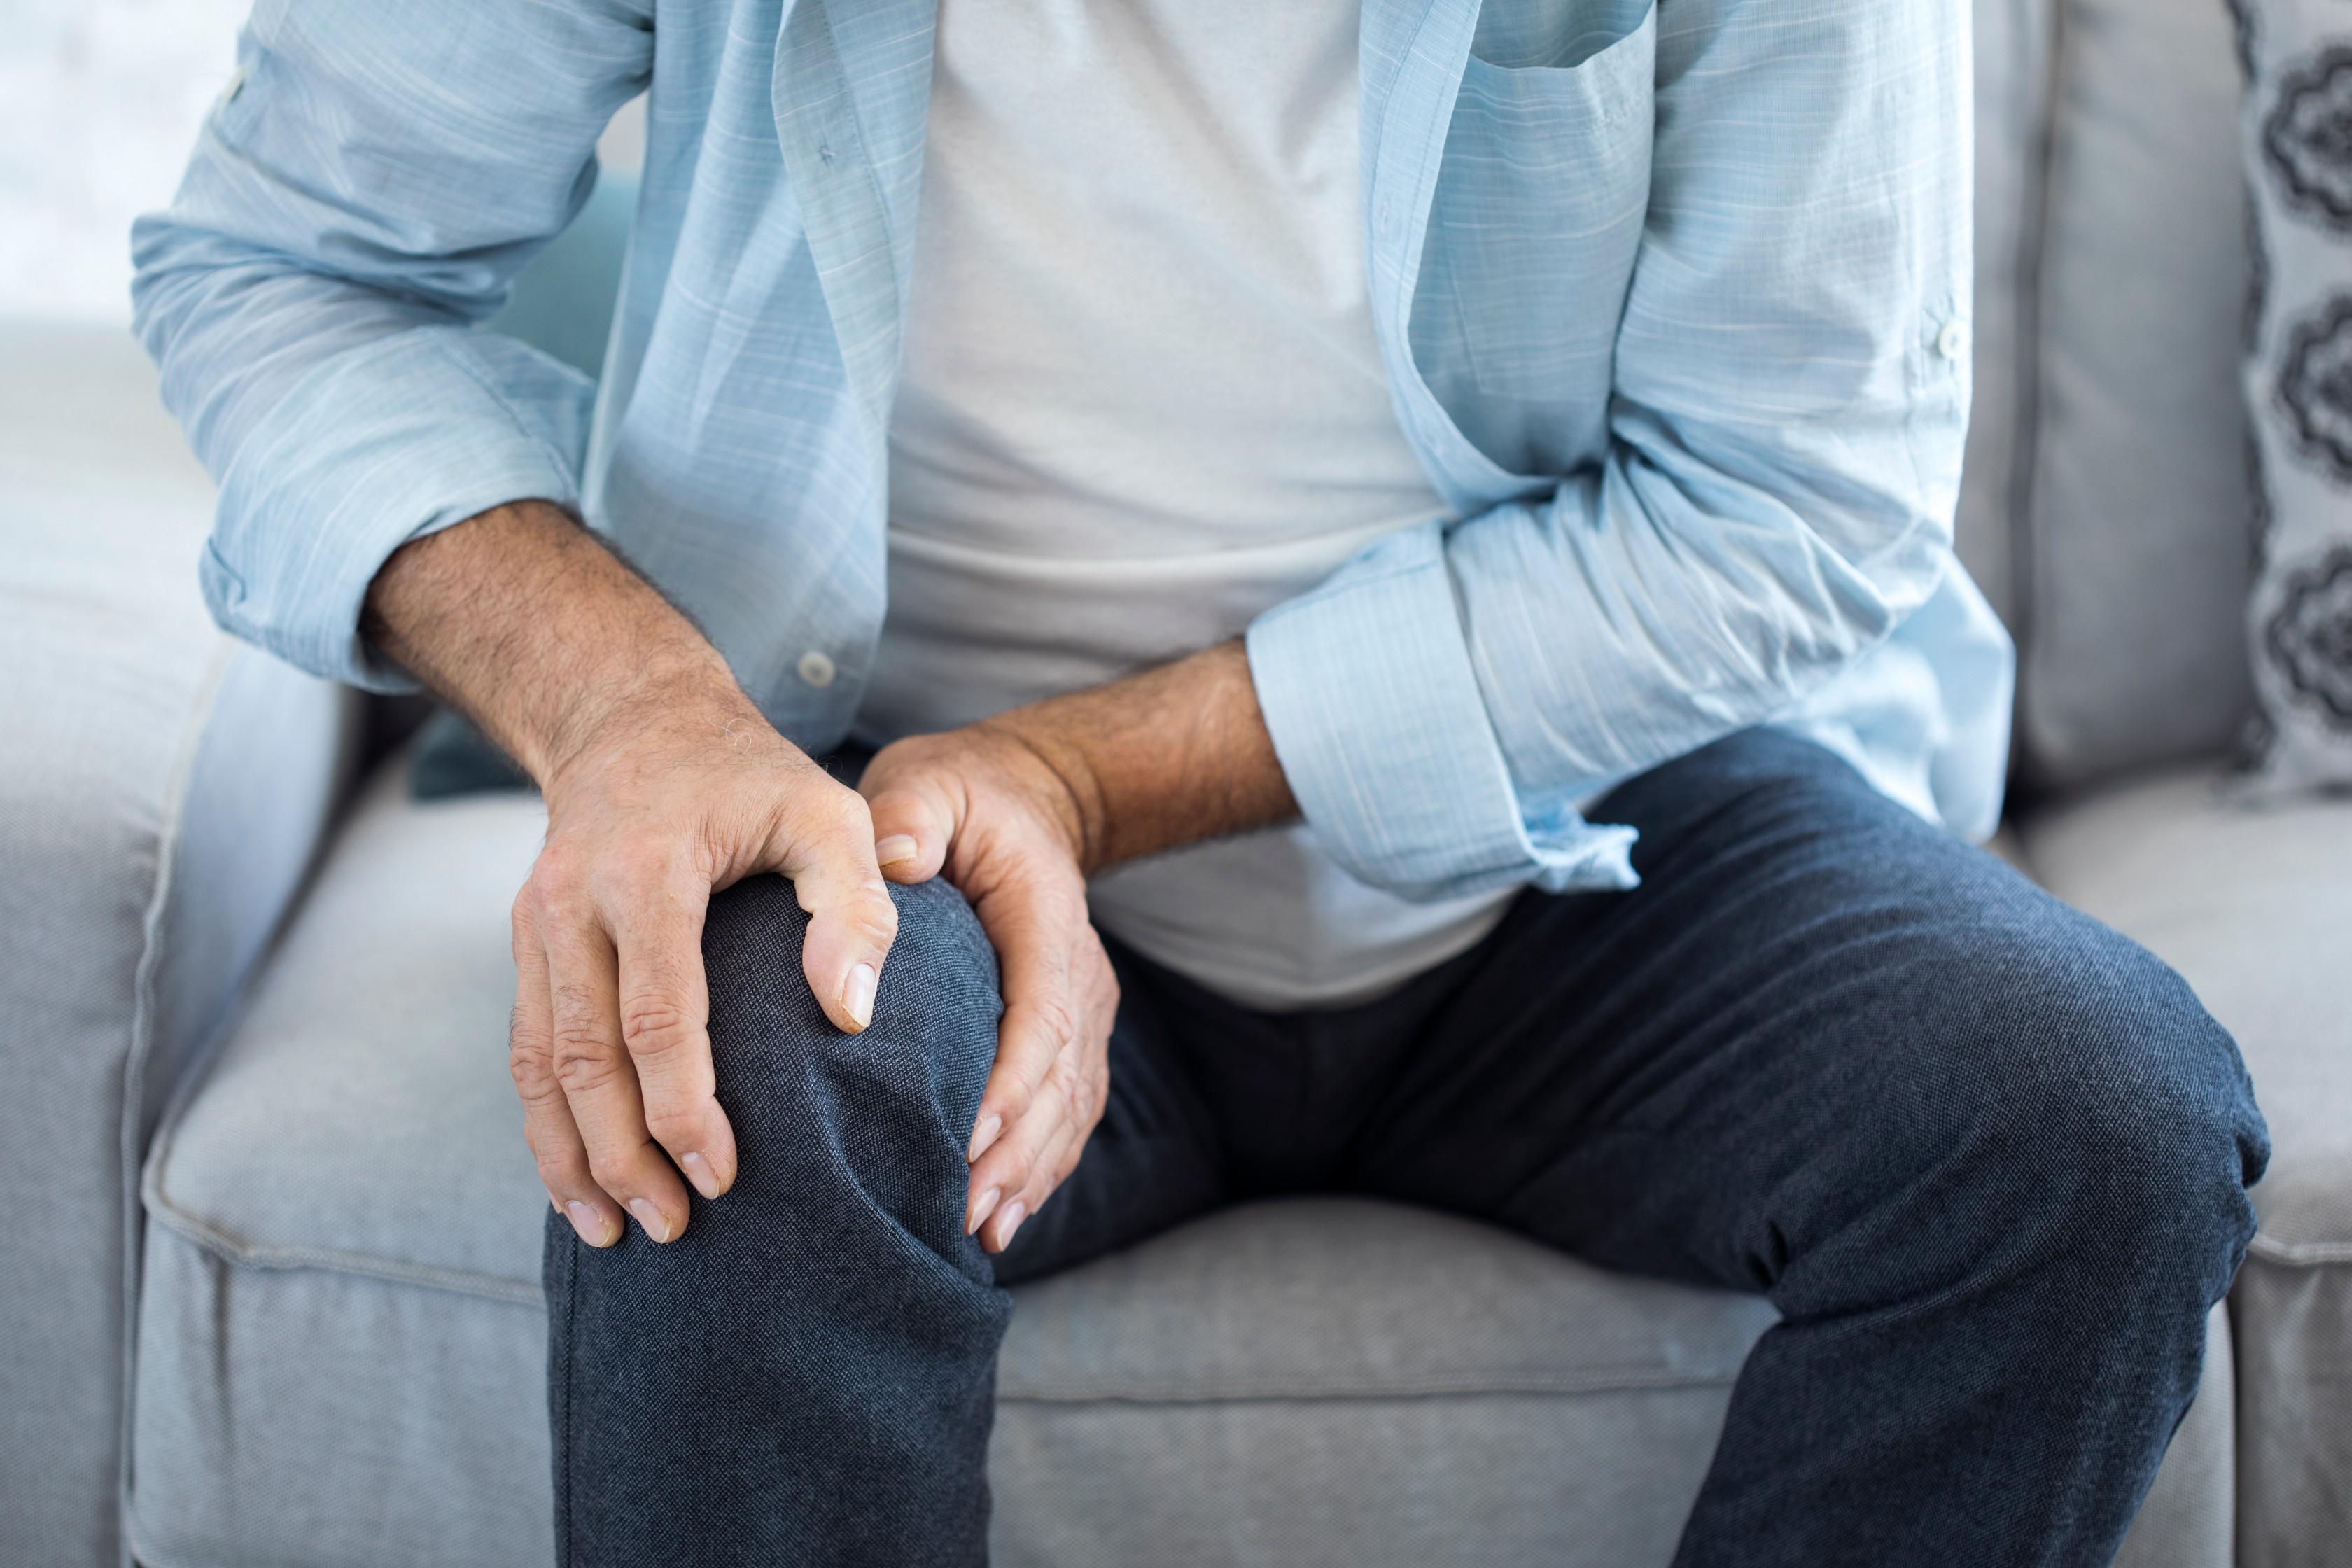 fájdalom a kezek ízületeiben hogyan kell kezelni térdízületi ízületi fájdalom a lábban